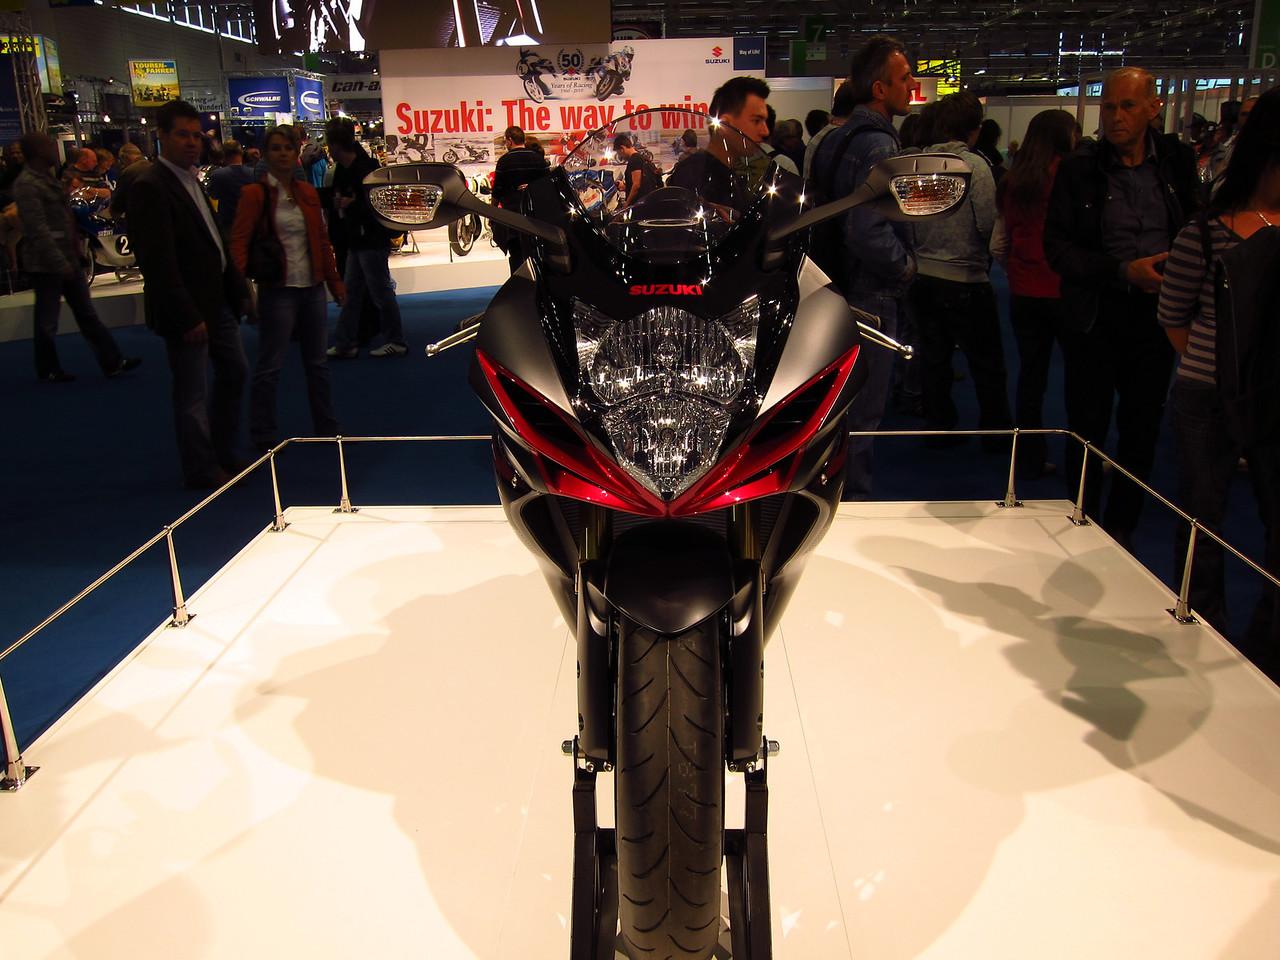 2011 SUZUKI GSX-R - Σελίδα 3 1041872855_AsU4w-X2